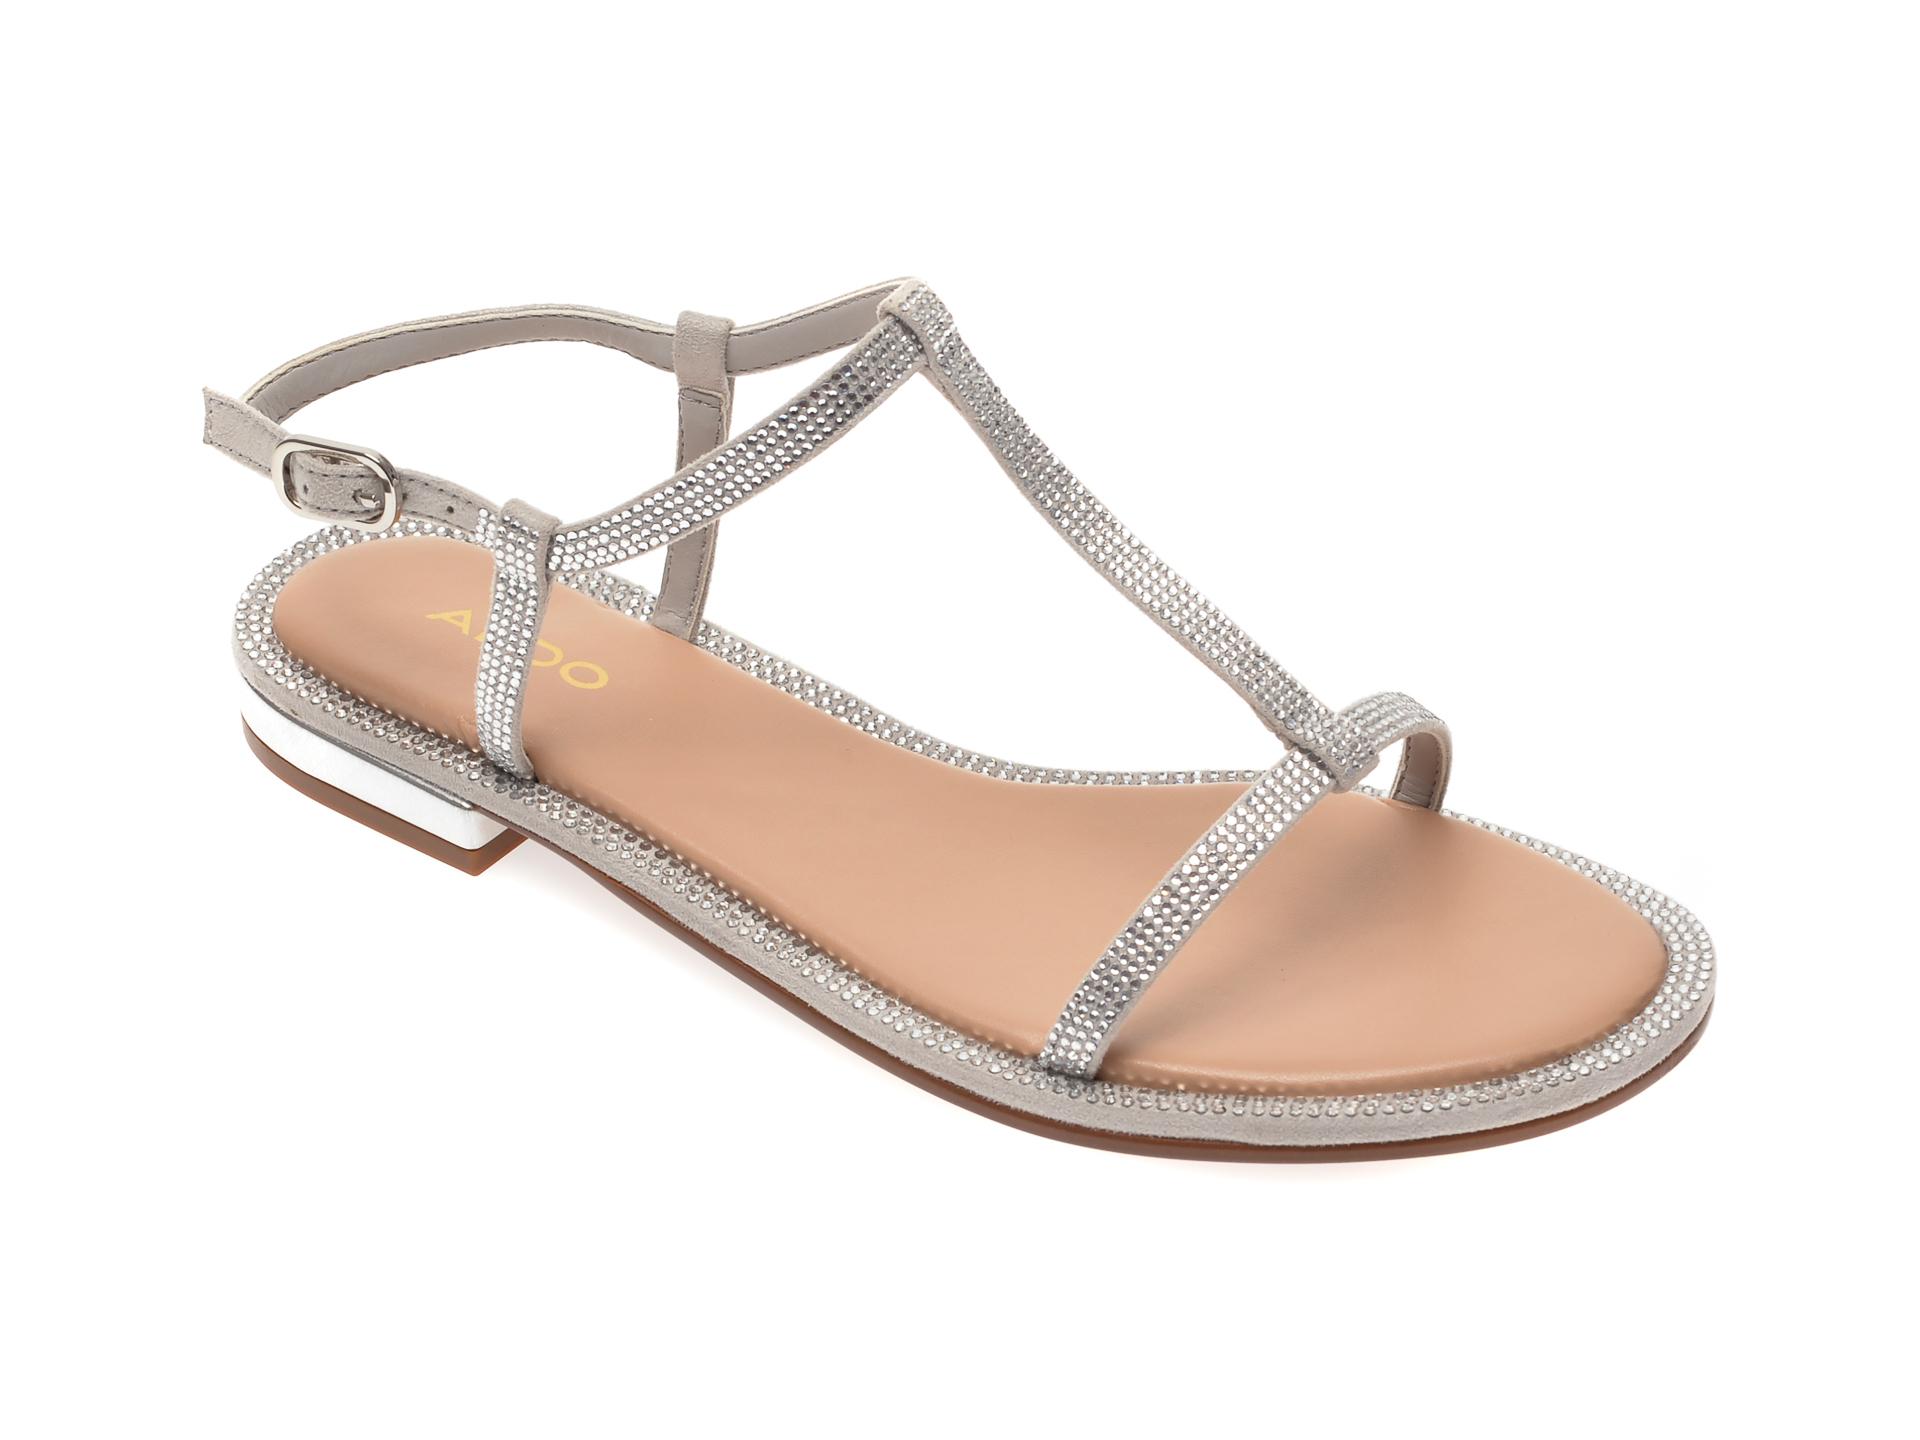 Sandale ALDO argintii, Yboimma040, din piele ecologica imagine otter.ro